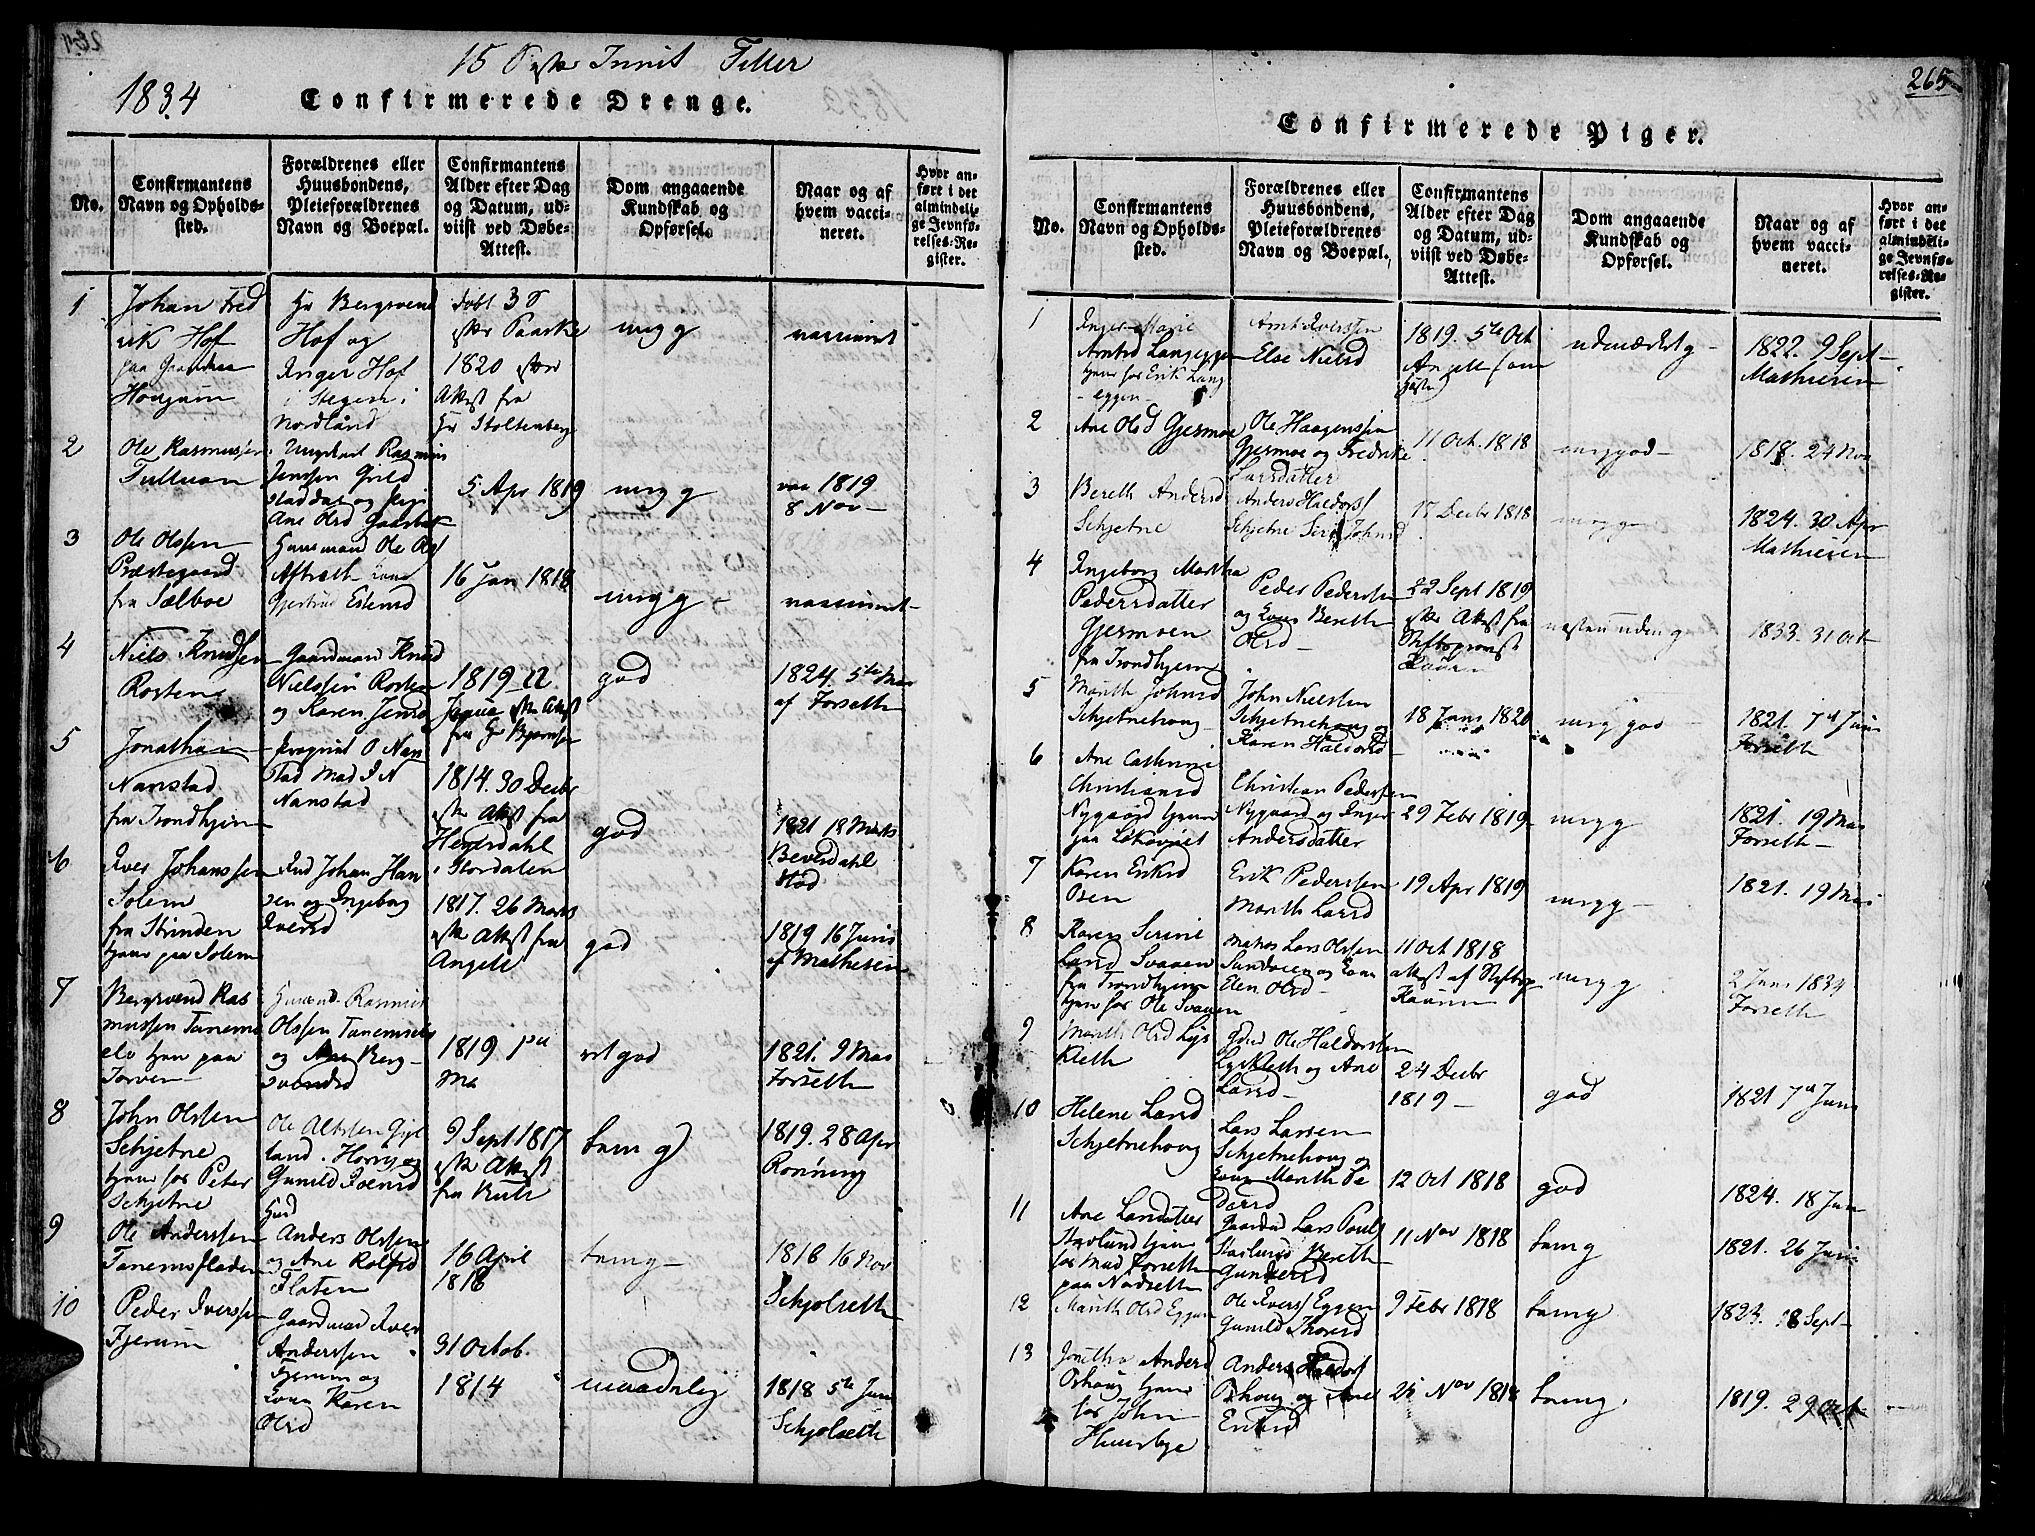 SAT, Ministerialprotokoller, klokkerbøker og fødselsregistre - Sør-Trøndelag, 618/L0439: Ministerialbok nr. 618A04 /1, 1816-1843, s. 265